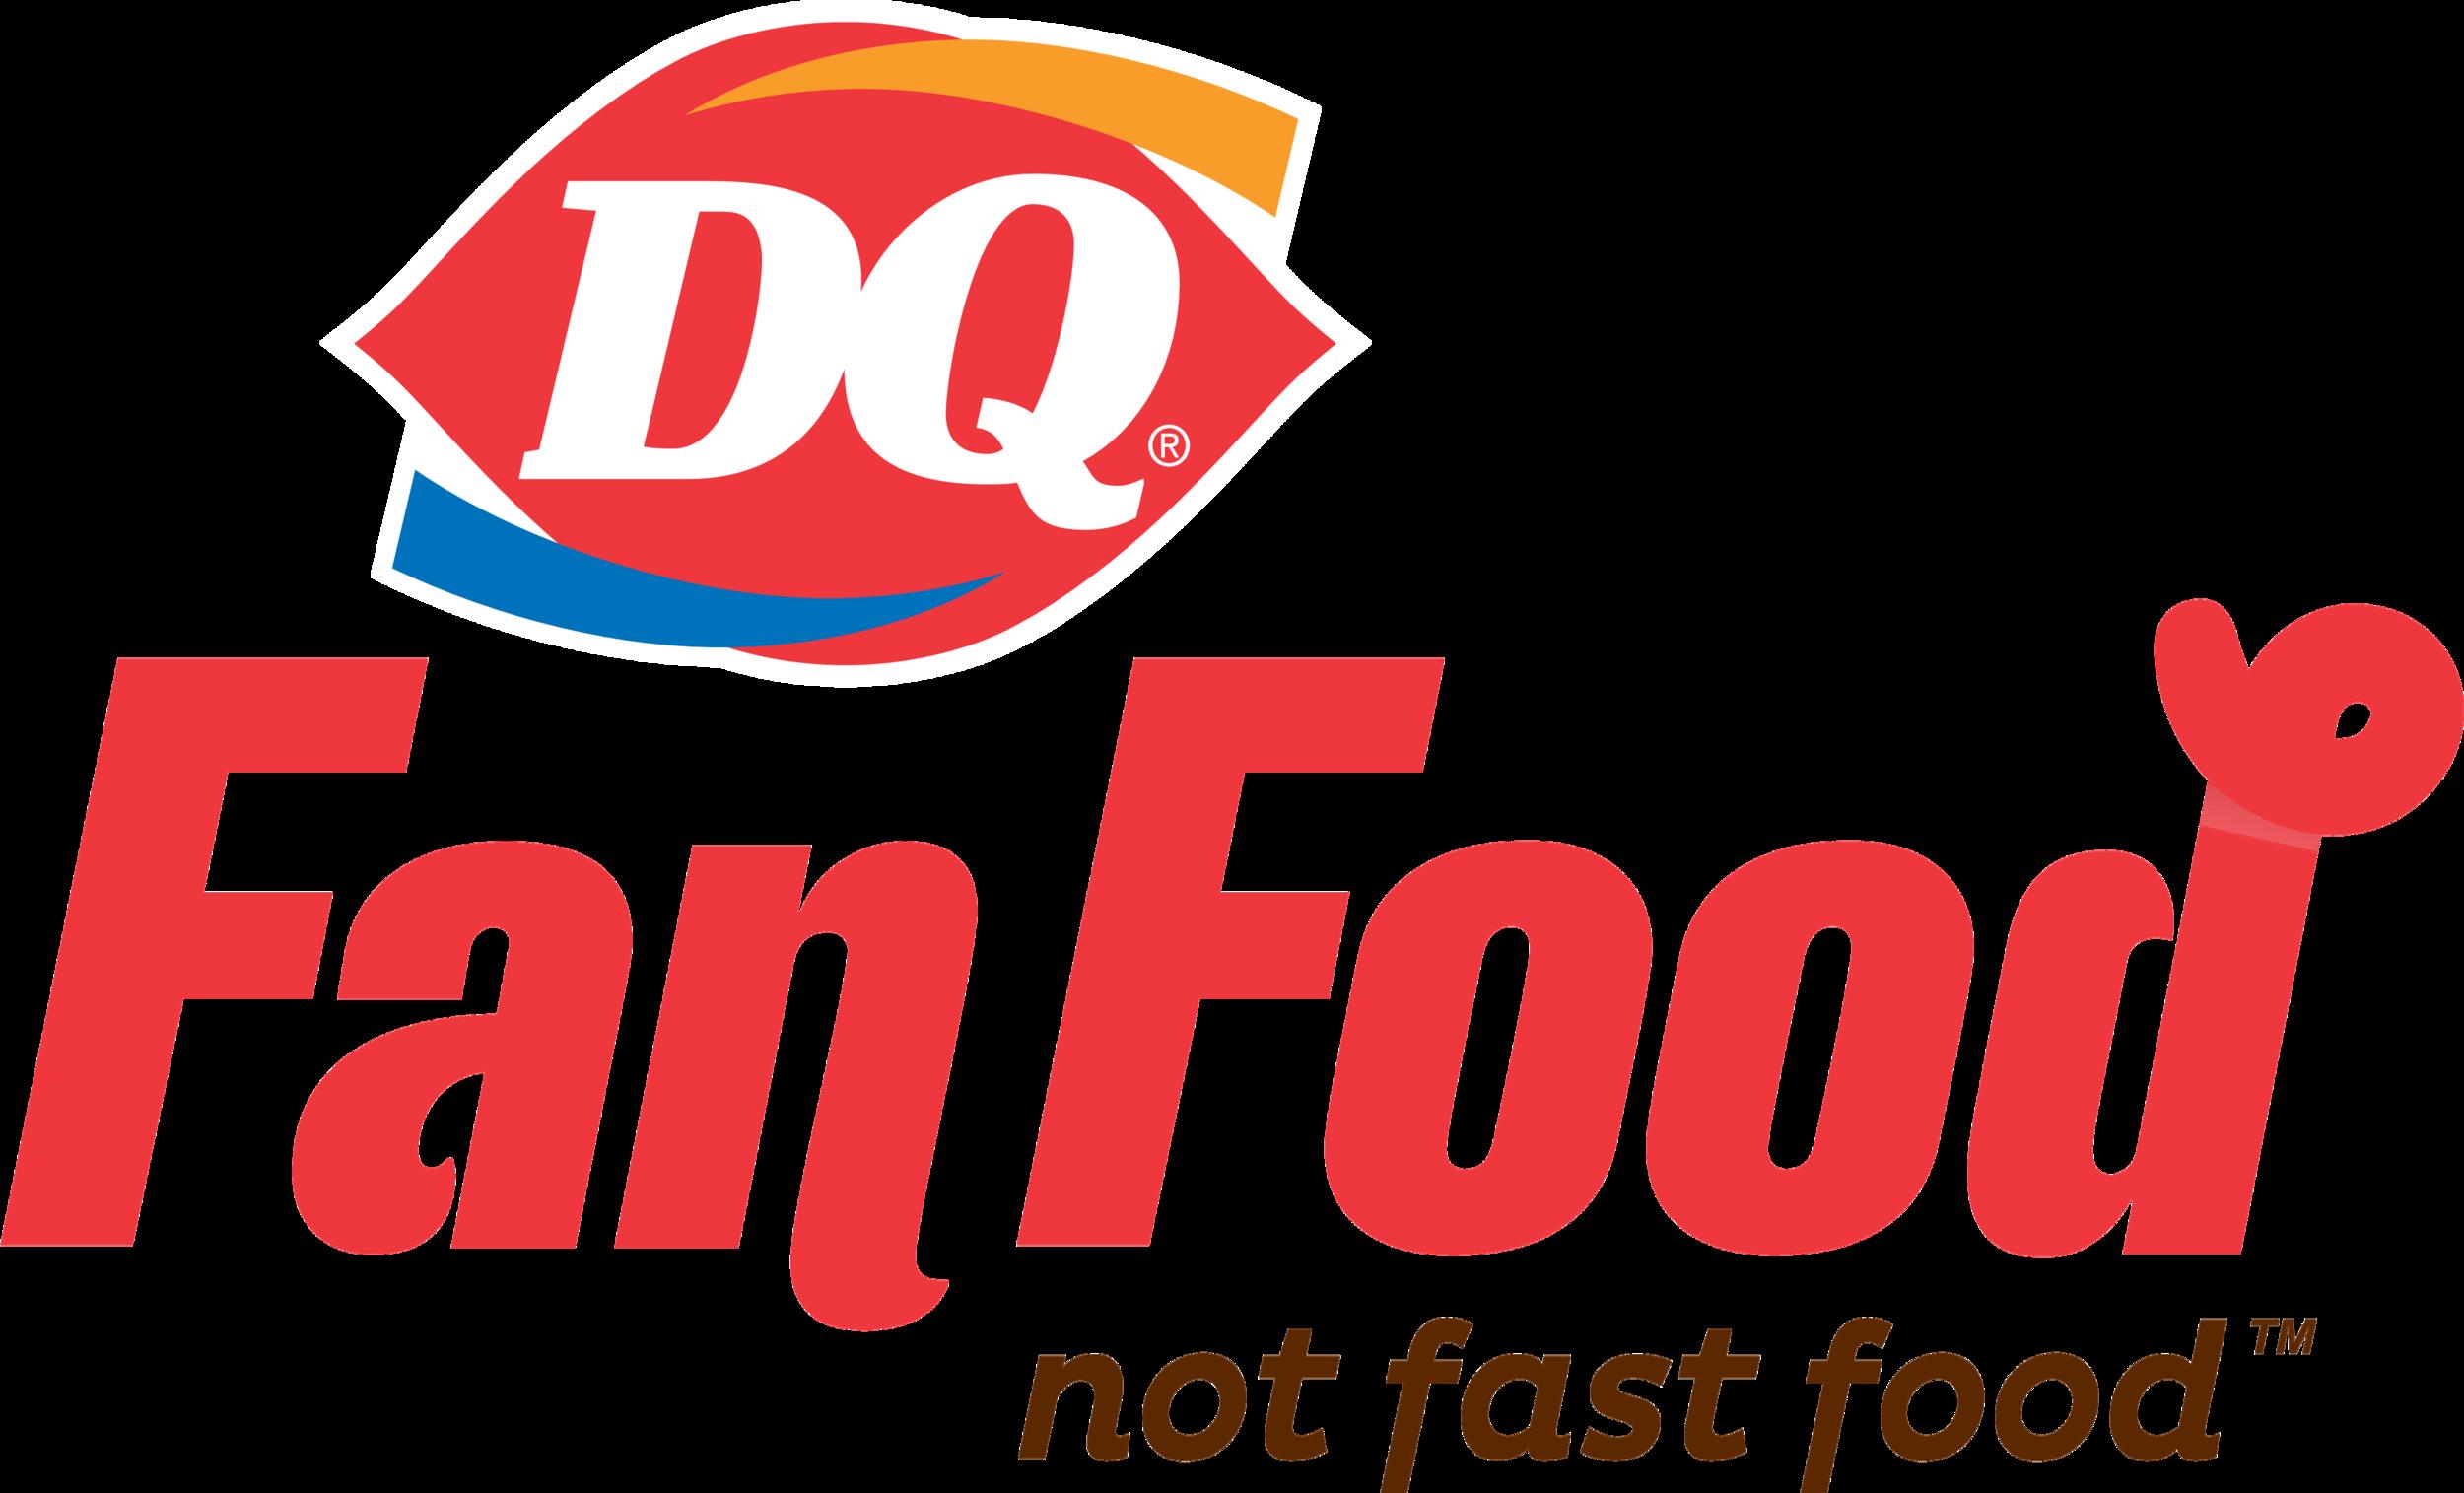 DQ_Dairy_Queen_logo_wordmark_text.png